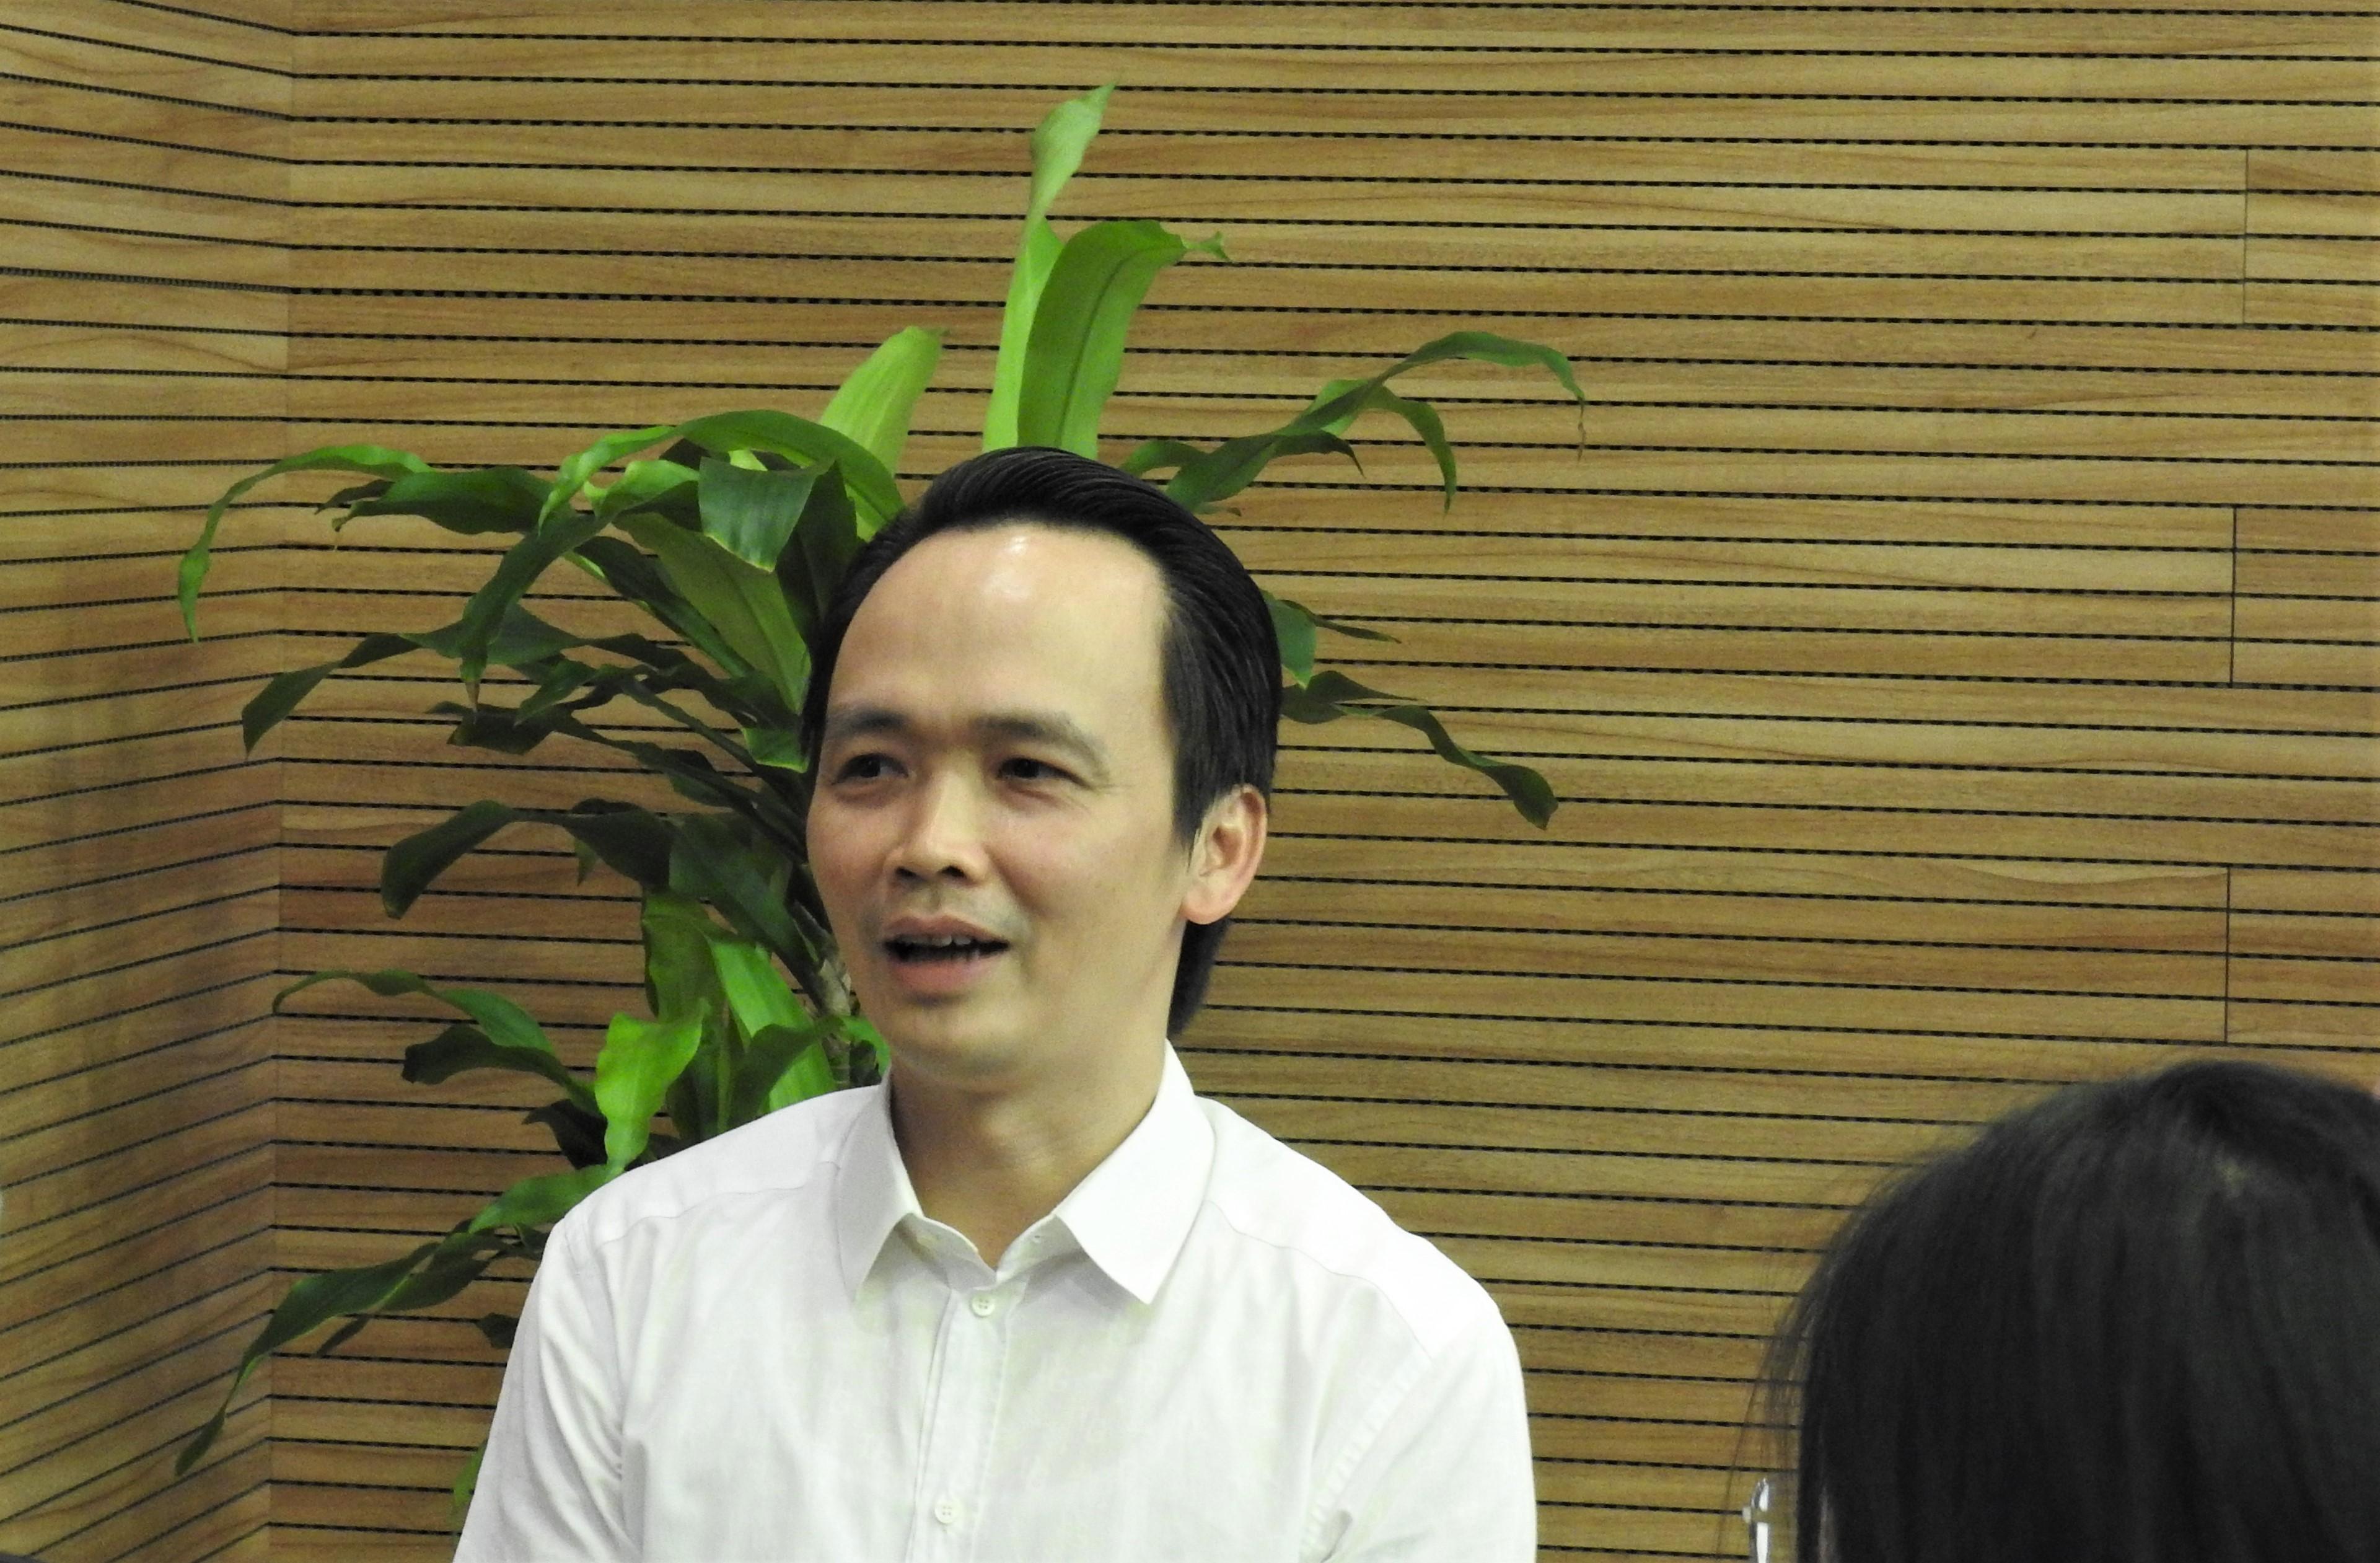 https://cdn.vietnambiz.vn/171464876016439296/2020/5/22/quyet-self-flc-ss-16-5-45-15901463838231798438130.jpg